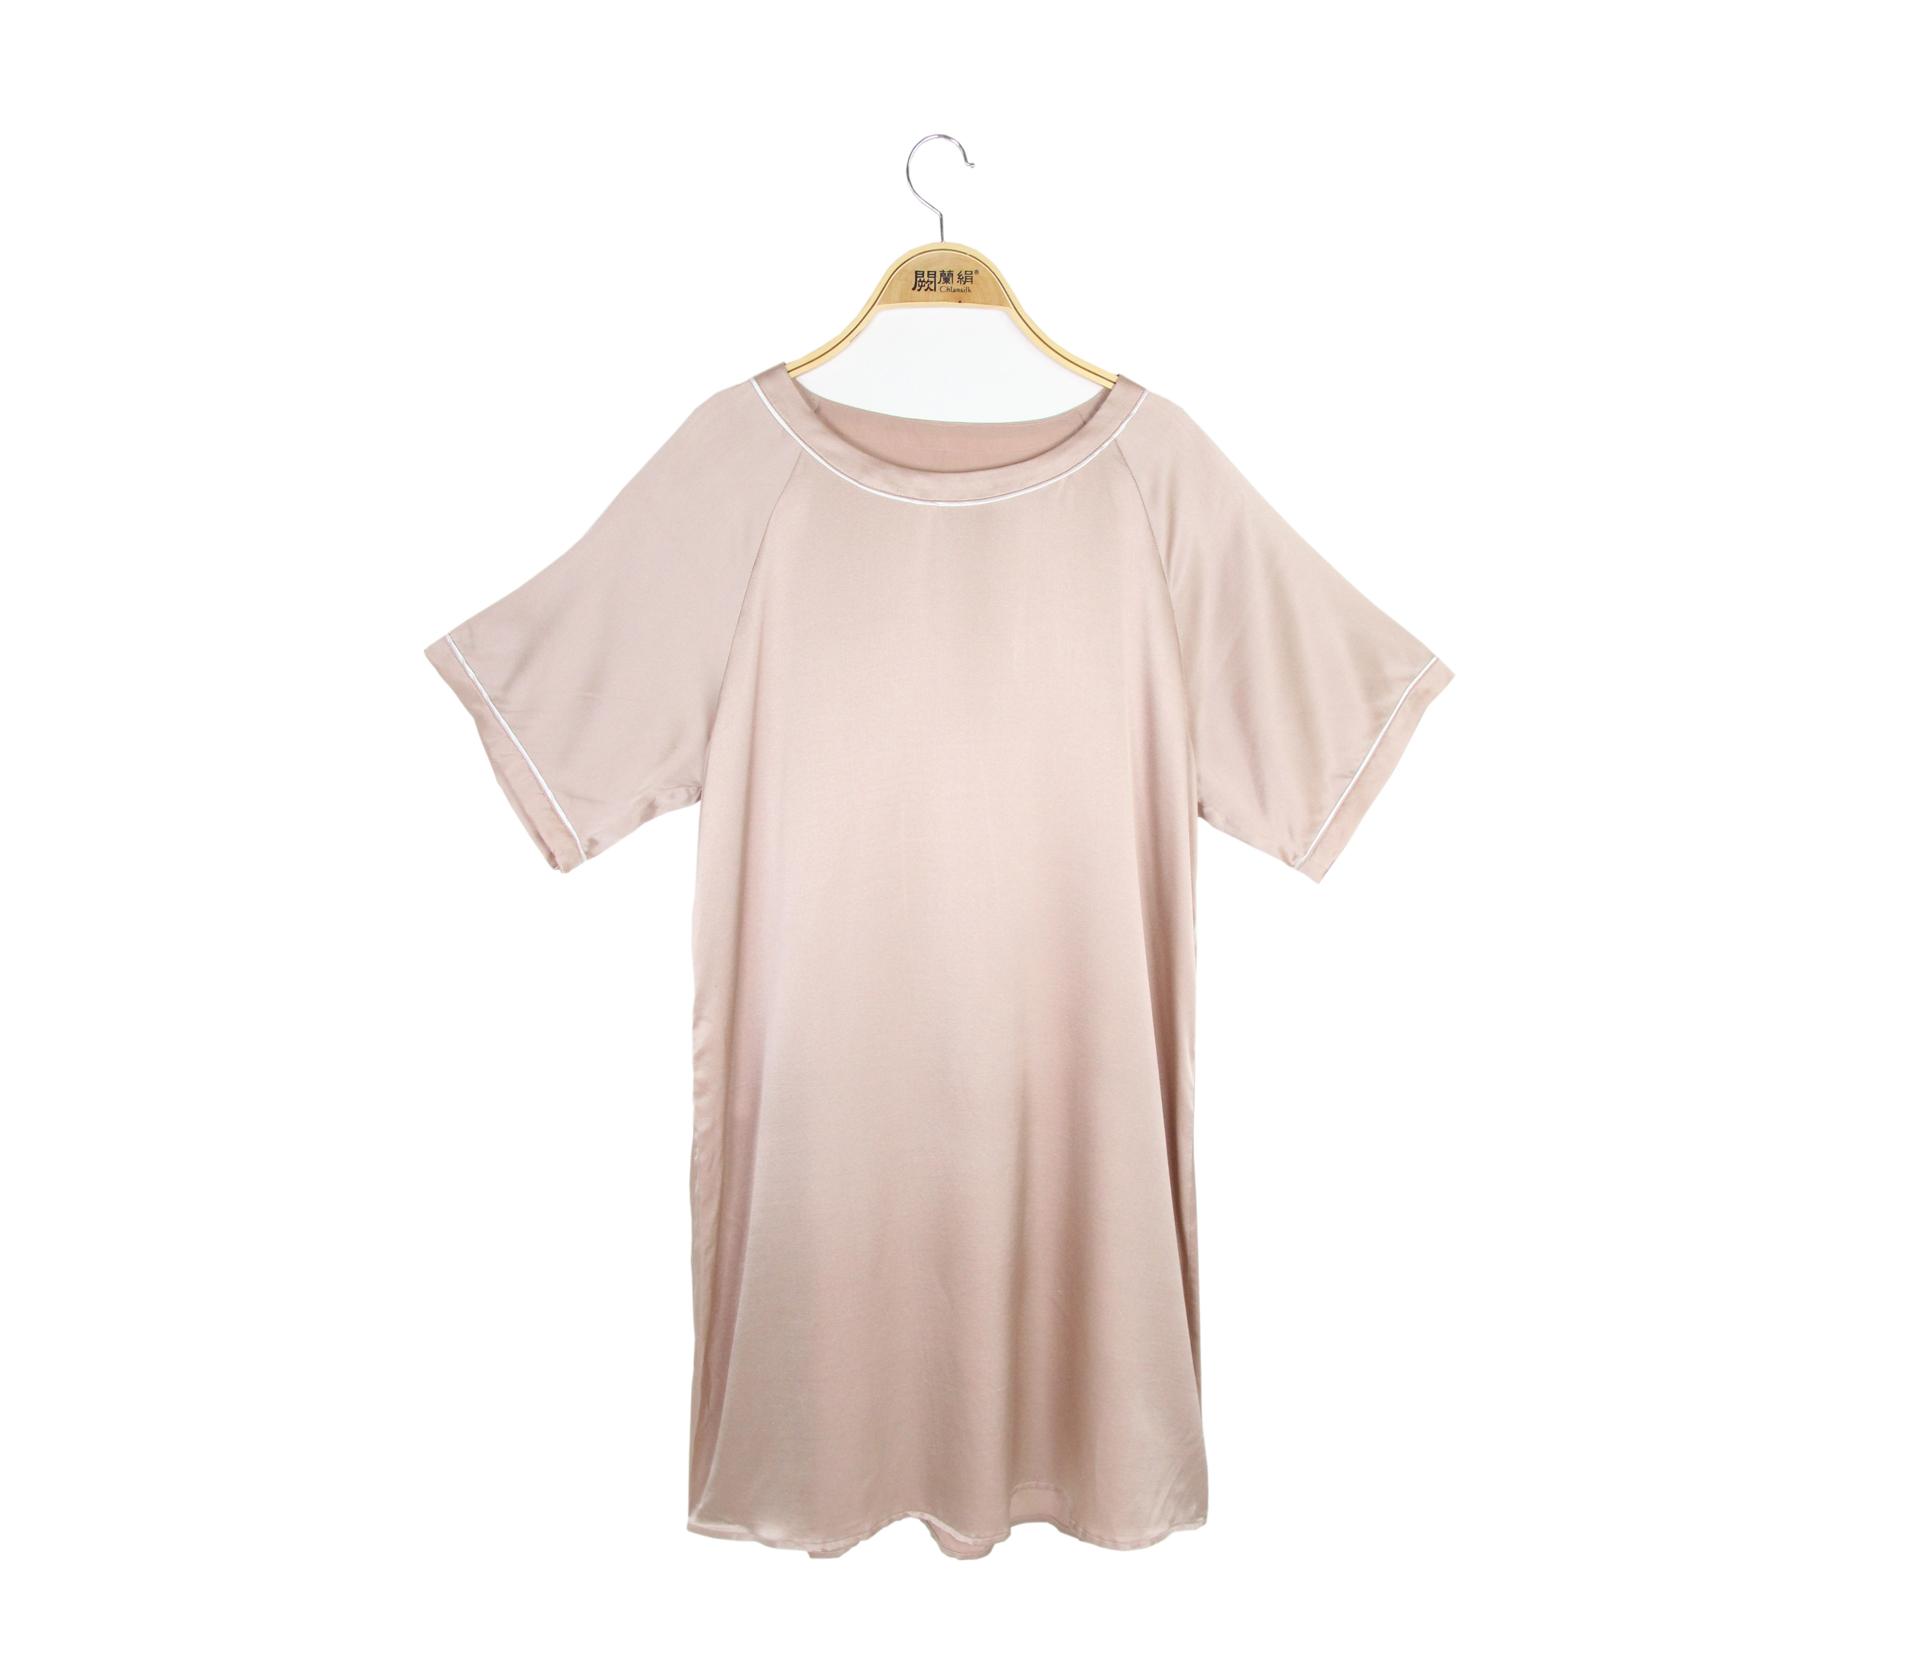 闕蘭絹輕柔舒適圓領蠶絲緞面洋裝 - 玫瑰金色 - 6633